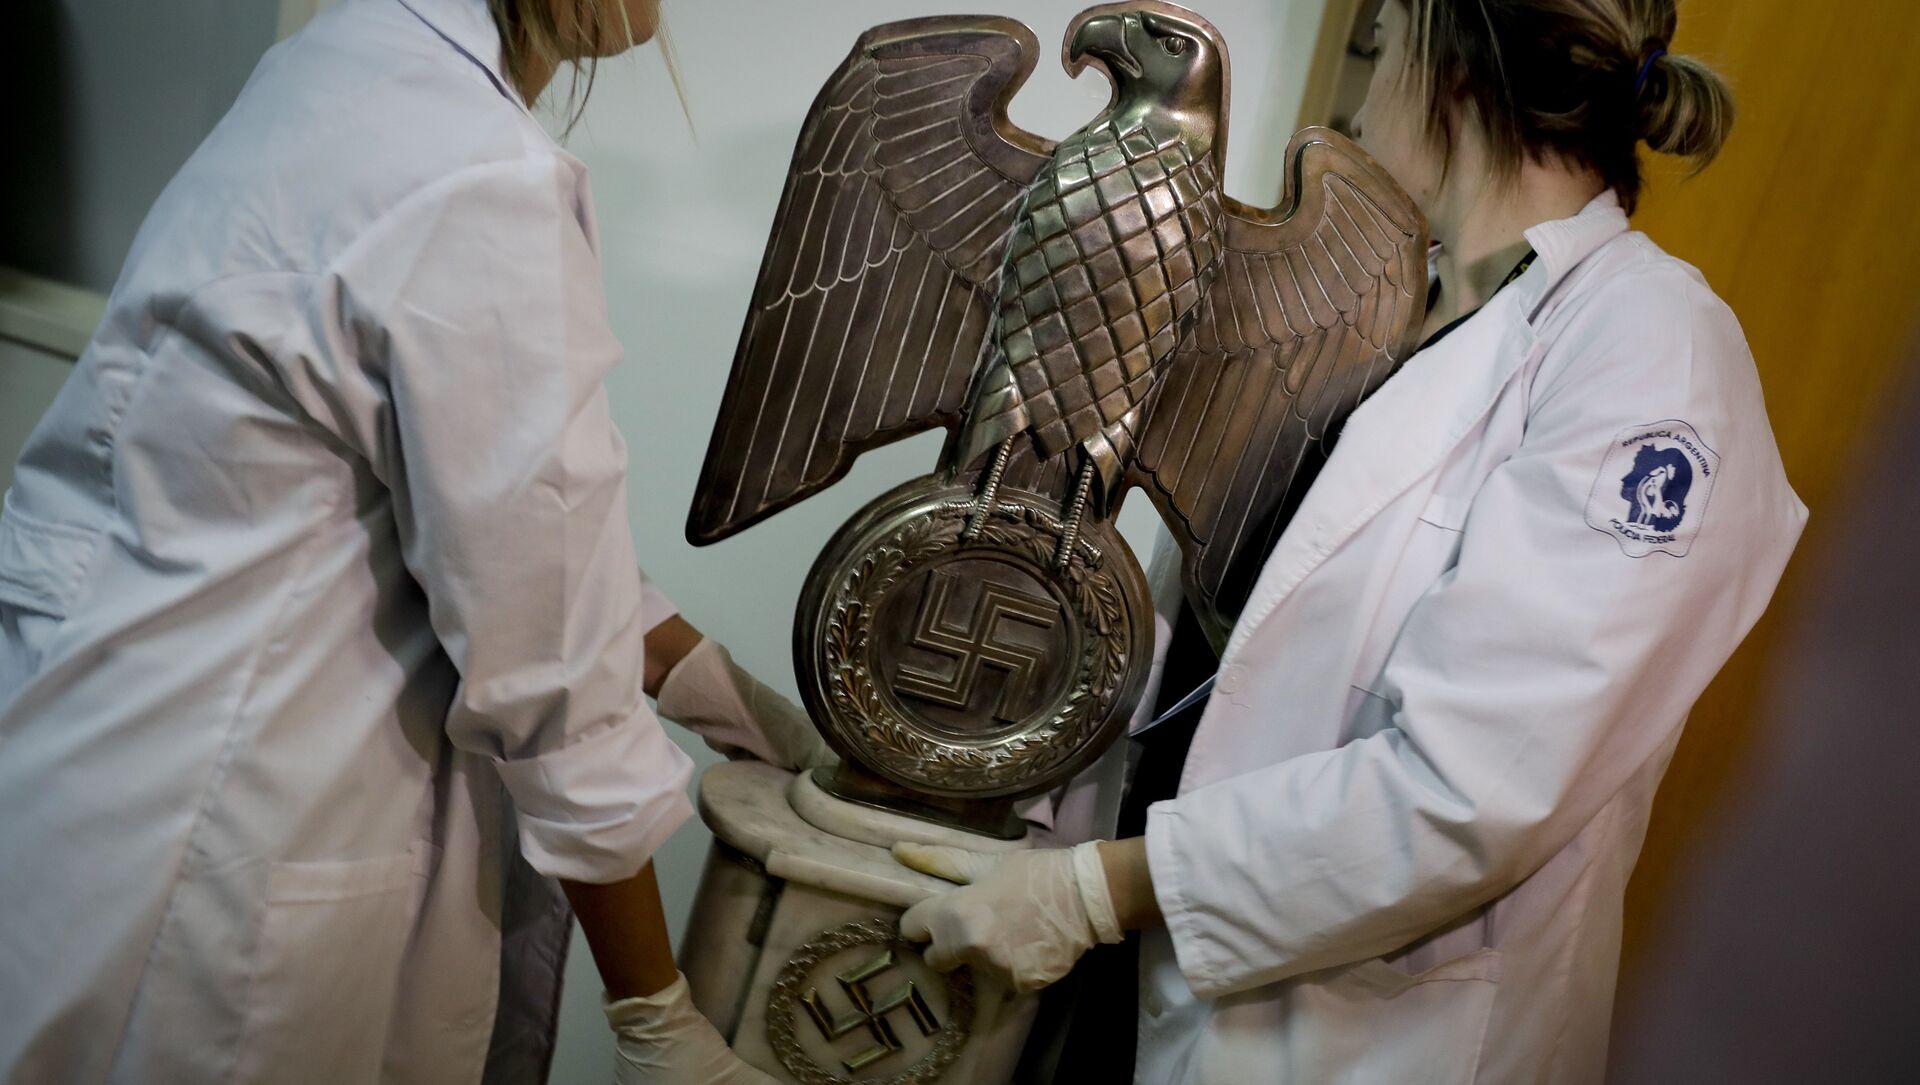 Artefactos con simbología nazi encontrados en Argentina en junio de 2017 - Sputnik Mundo, 1920, 28.11.2020